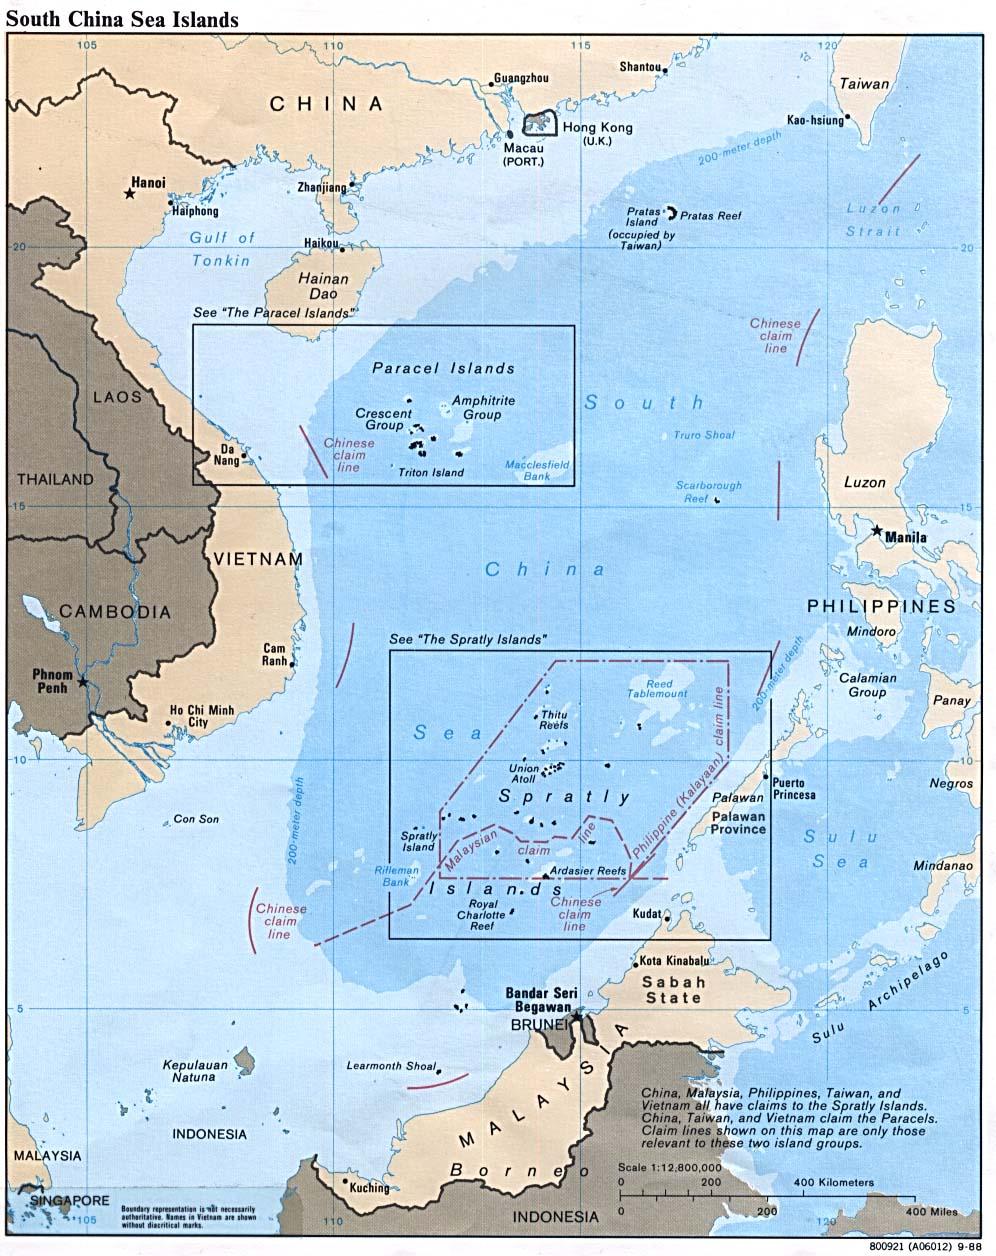 莱占的南海岛屿